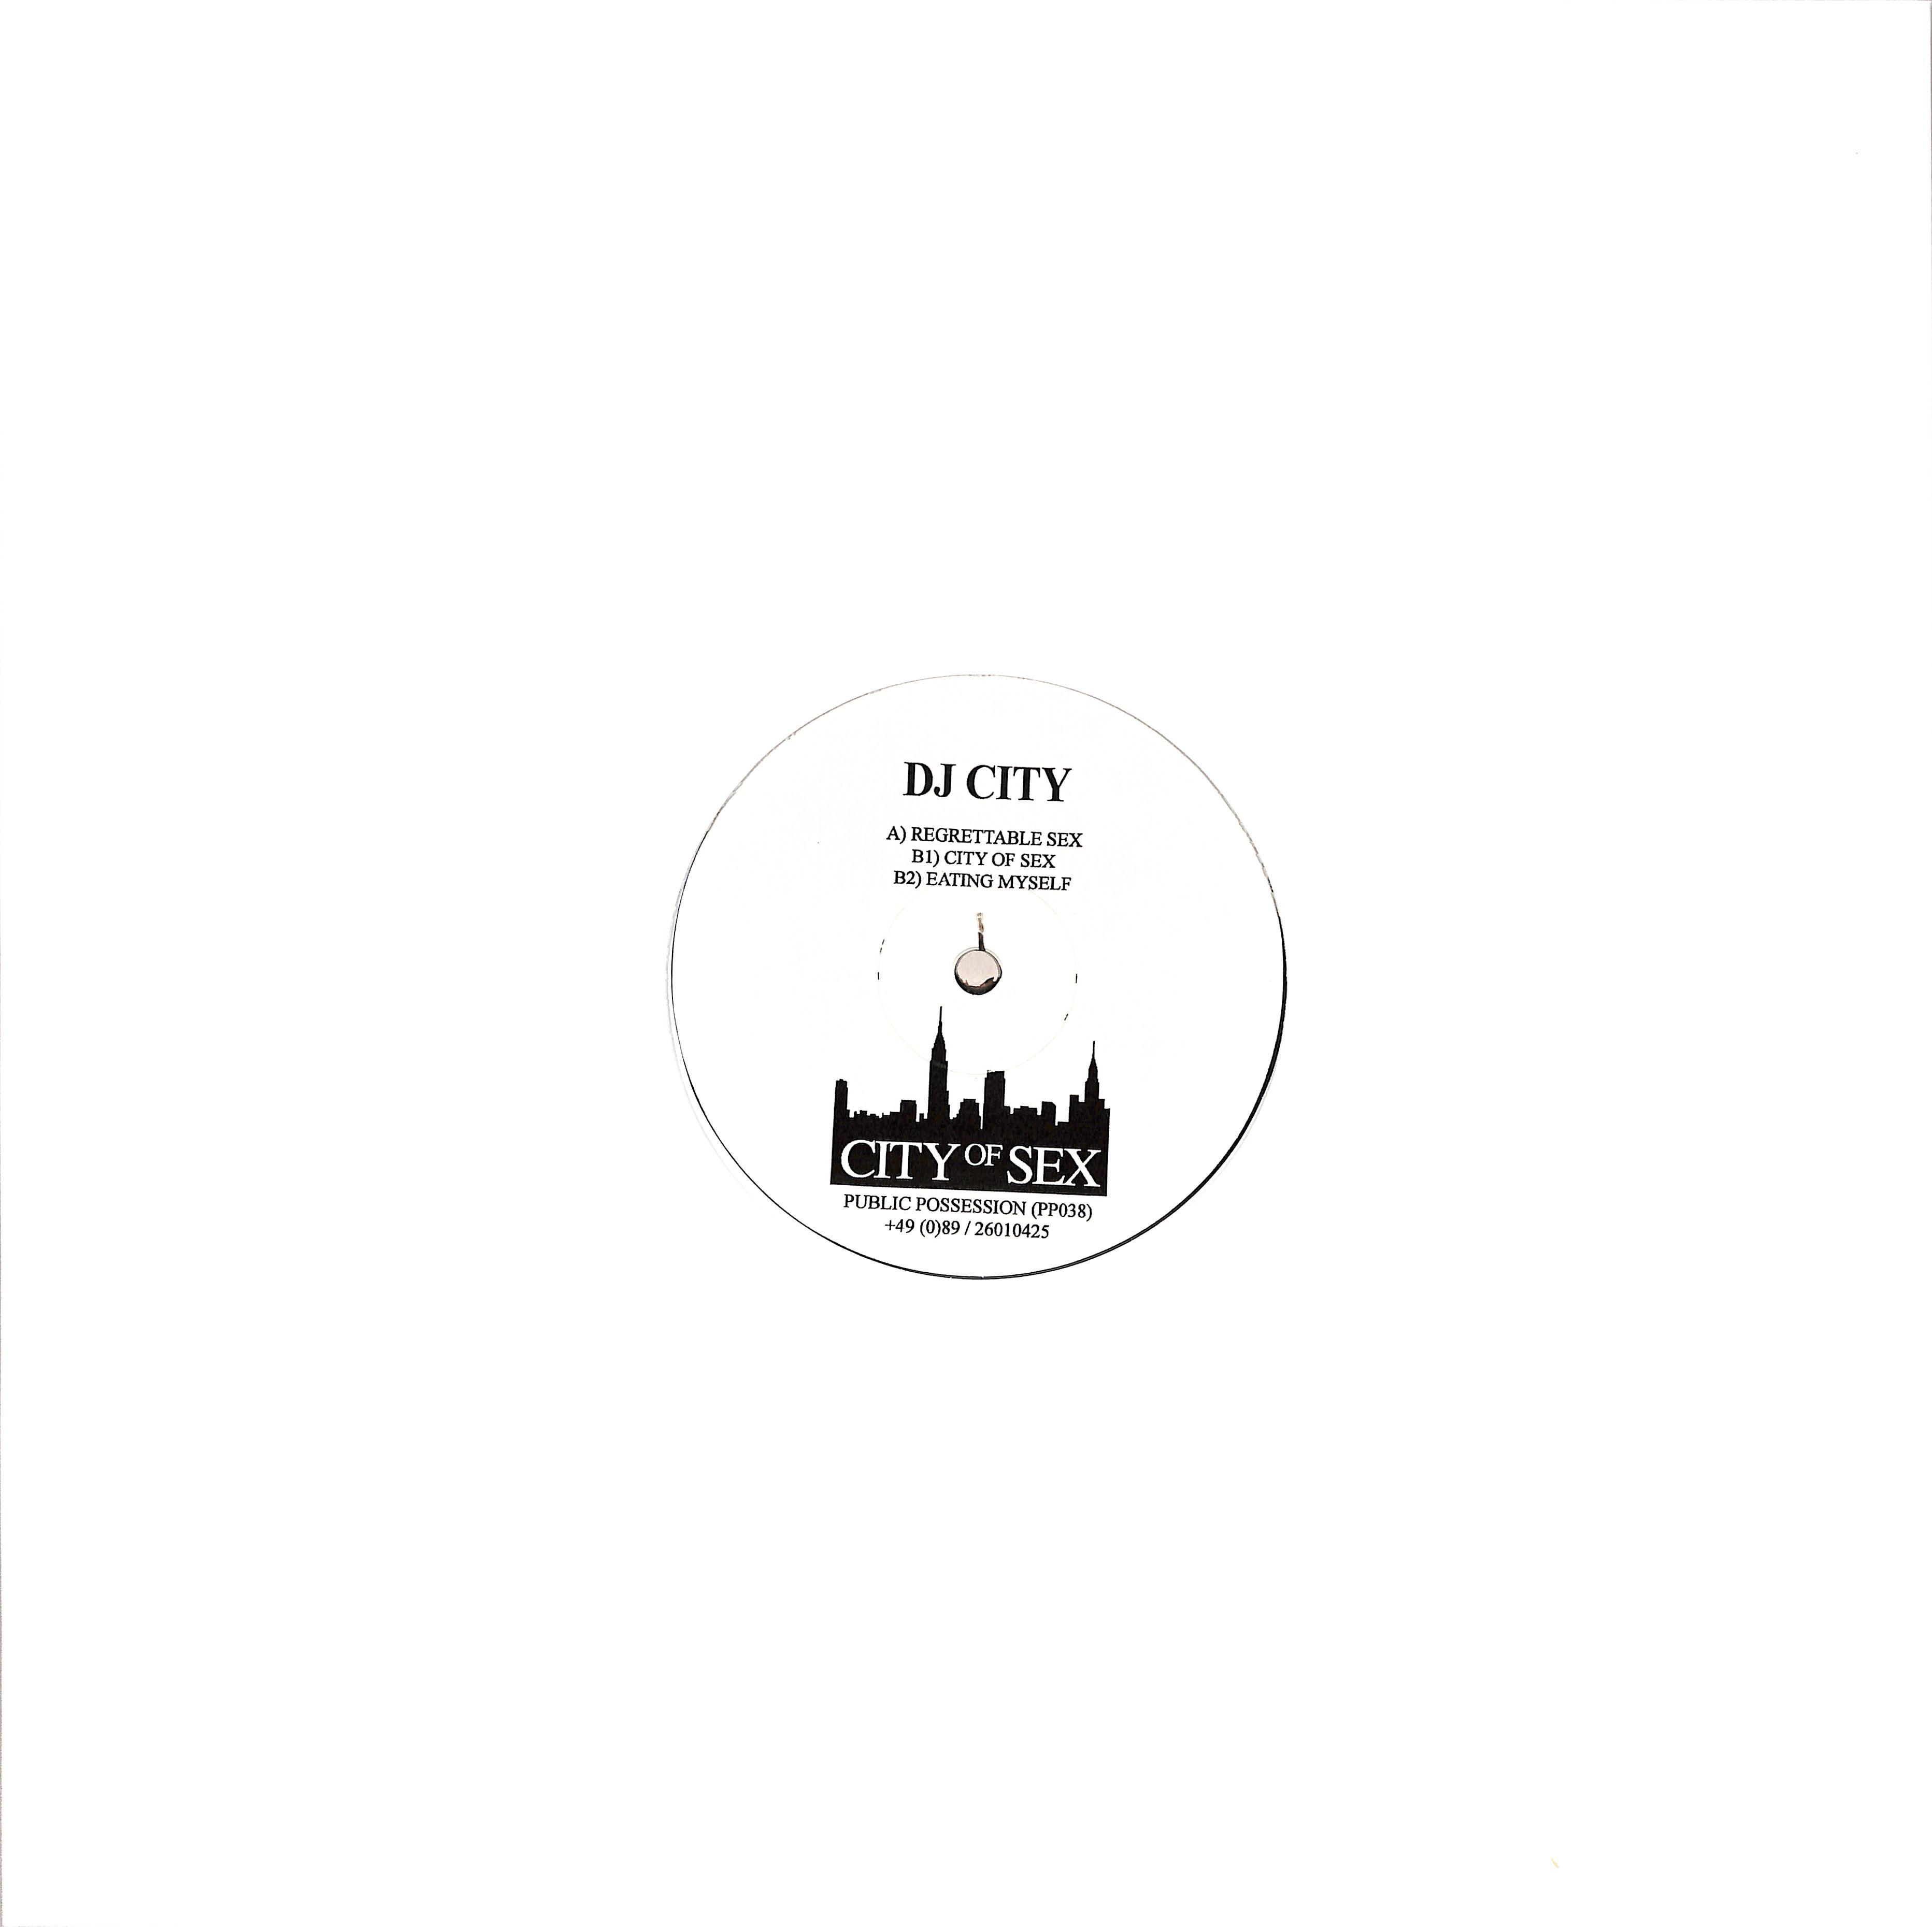 DJ City - CITY OF SEX